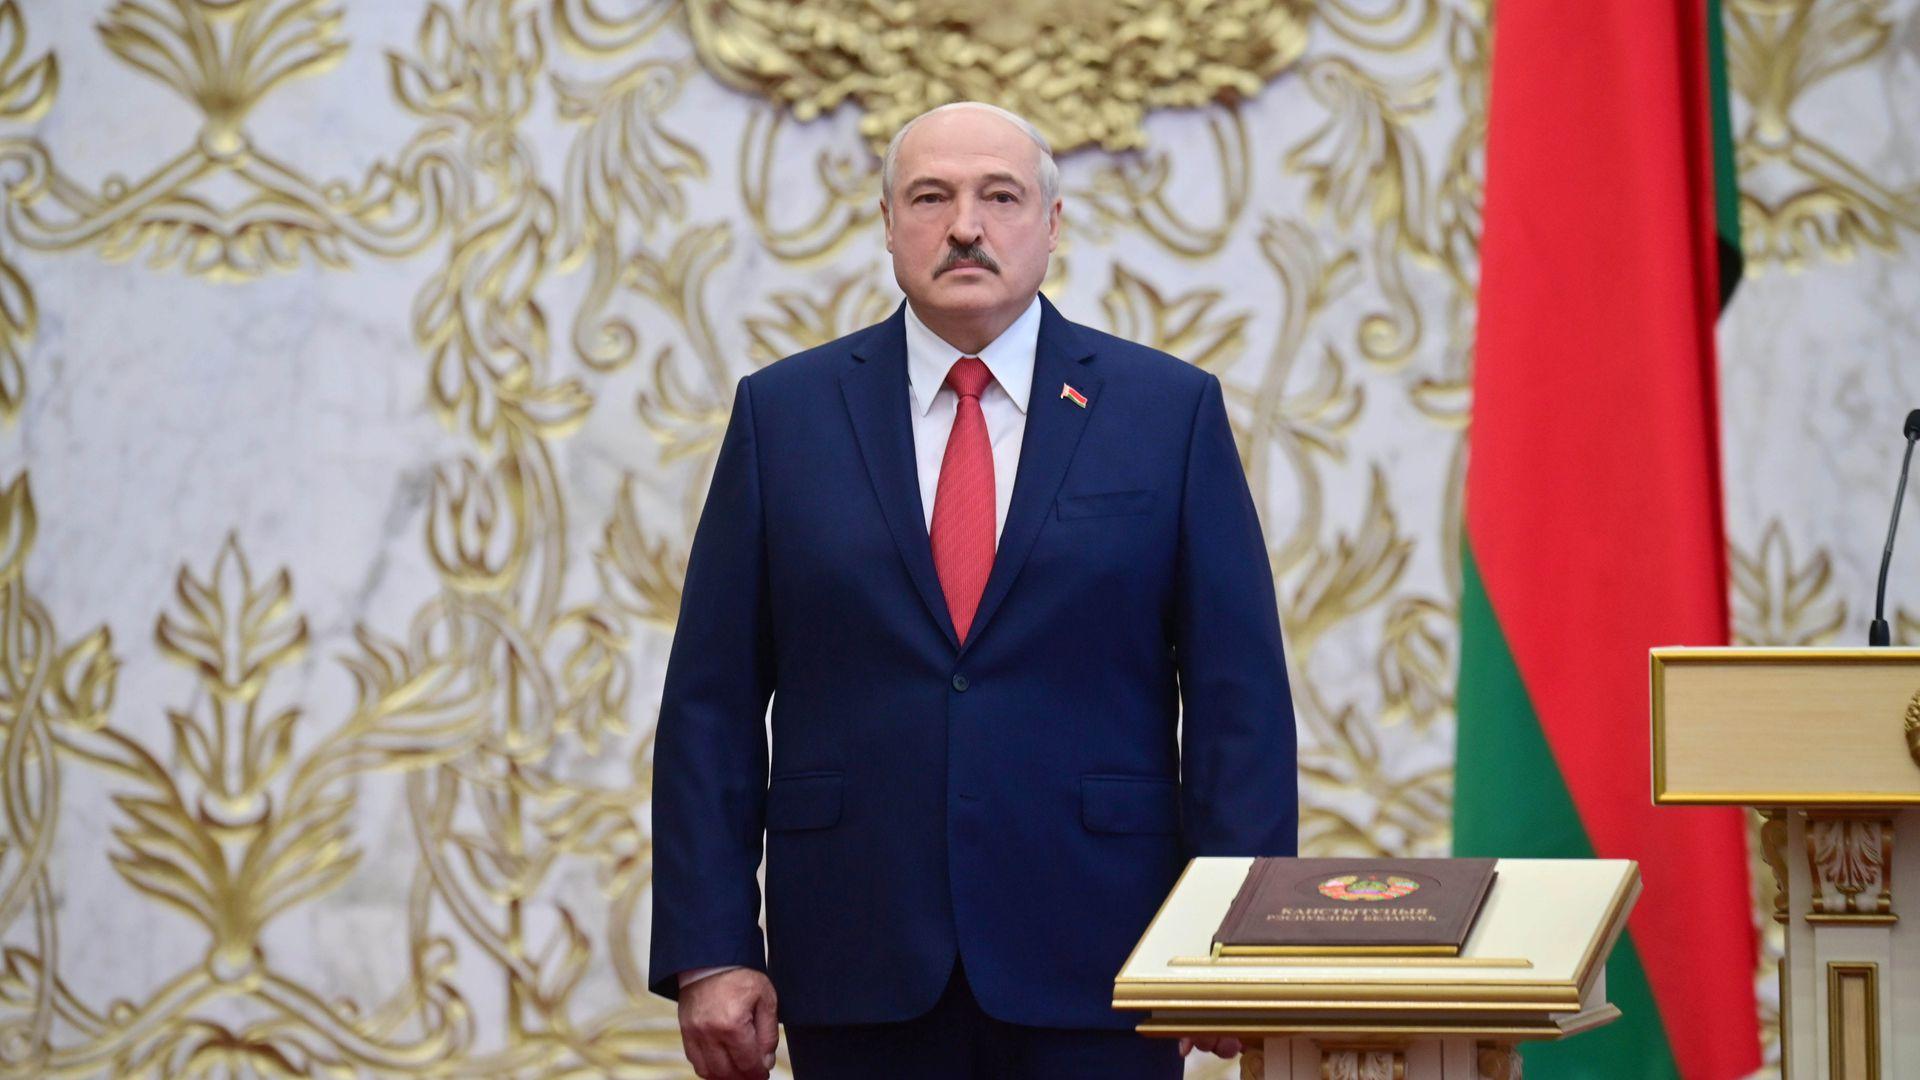 Беларусь полностью перекроет границу с Украиной — Лукашенко